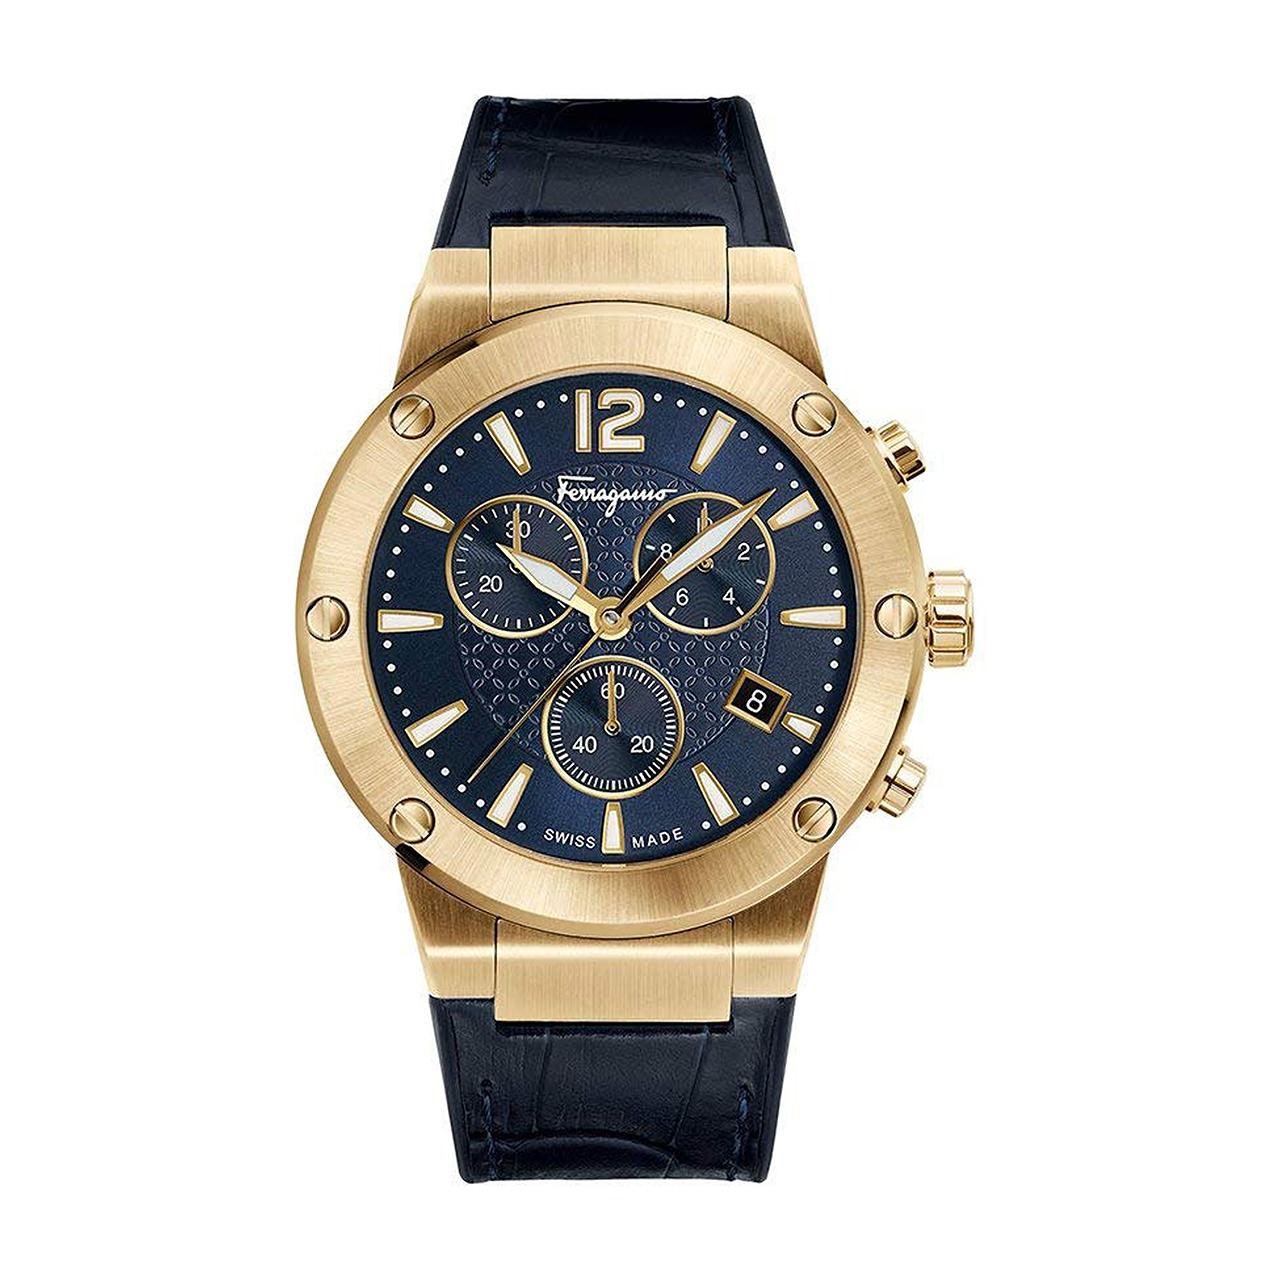 ساعت مچی عقربه ای مردانه سالواتوره فراگامو مدل FIJ060017